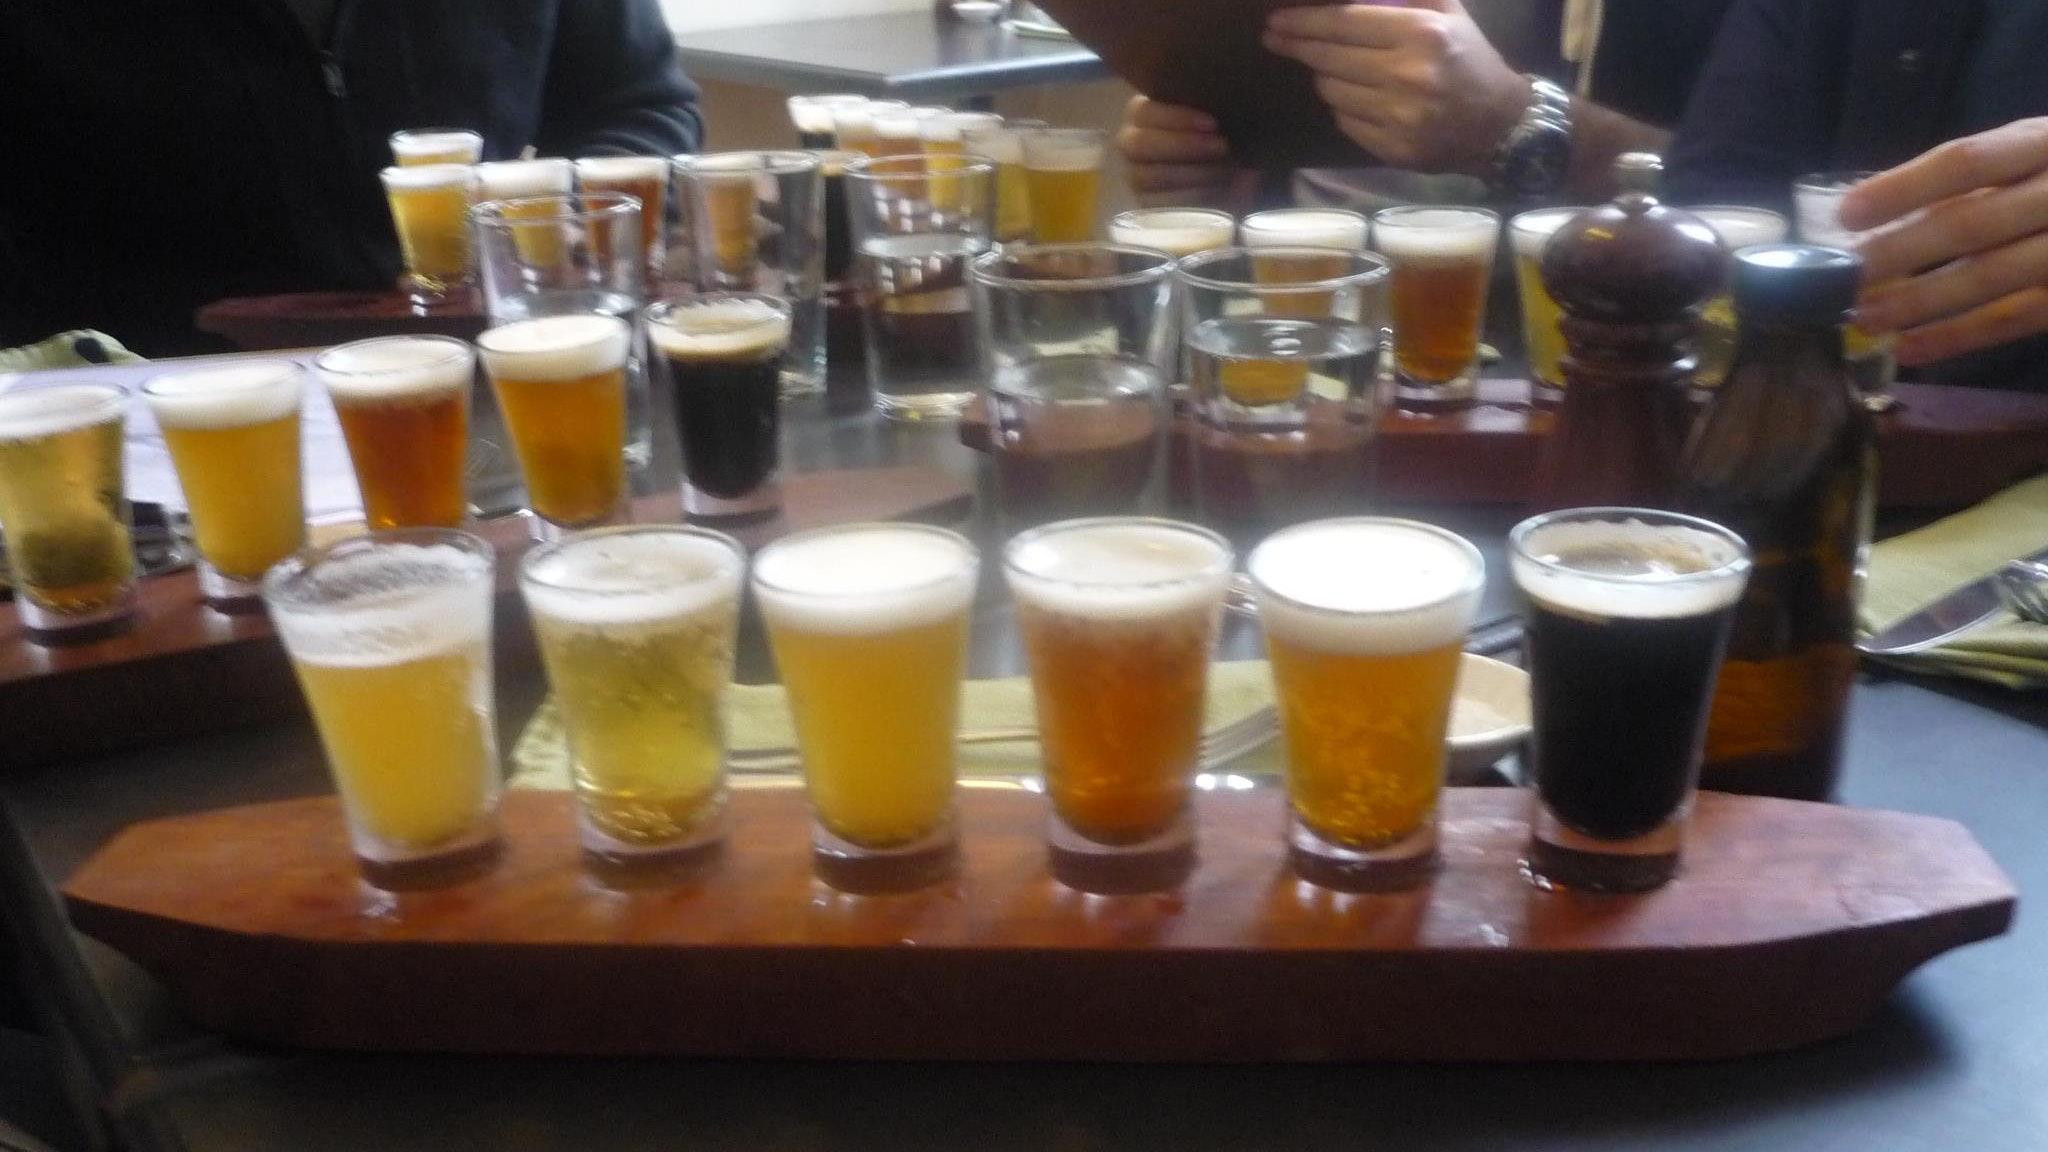 Mornington Peninsula Brewery Tour